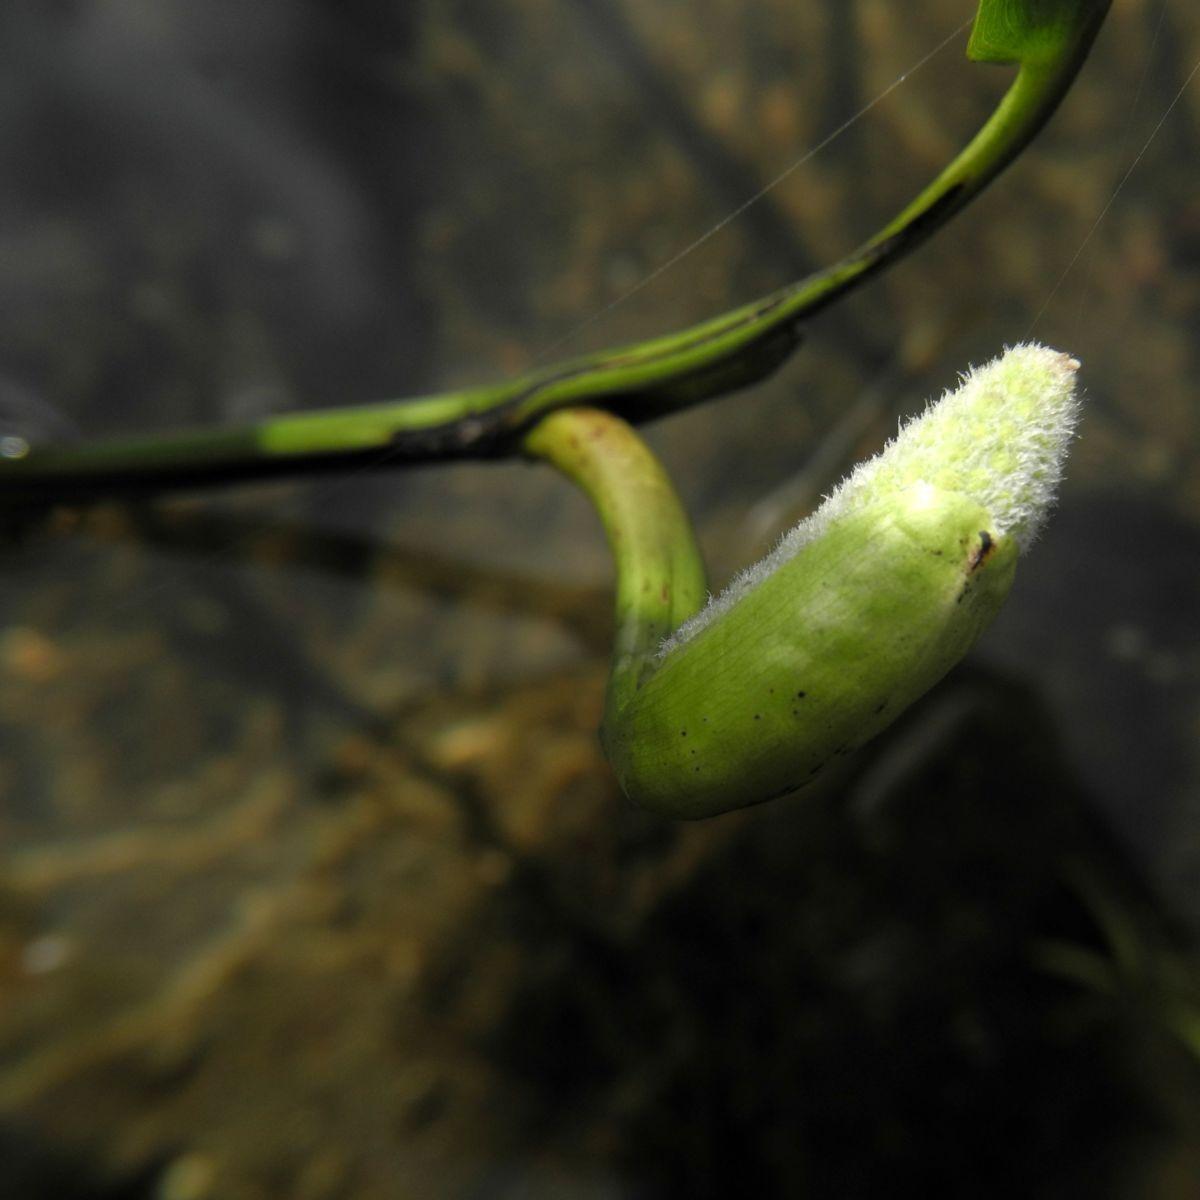 Herzblaettriges Hechtkraut Knospe Pontederia cordata